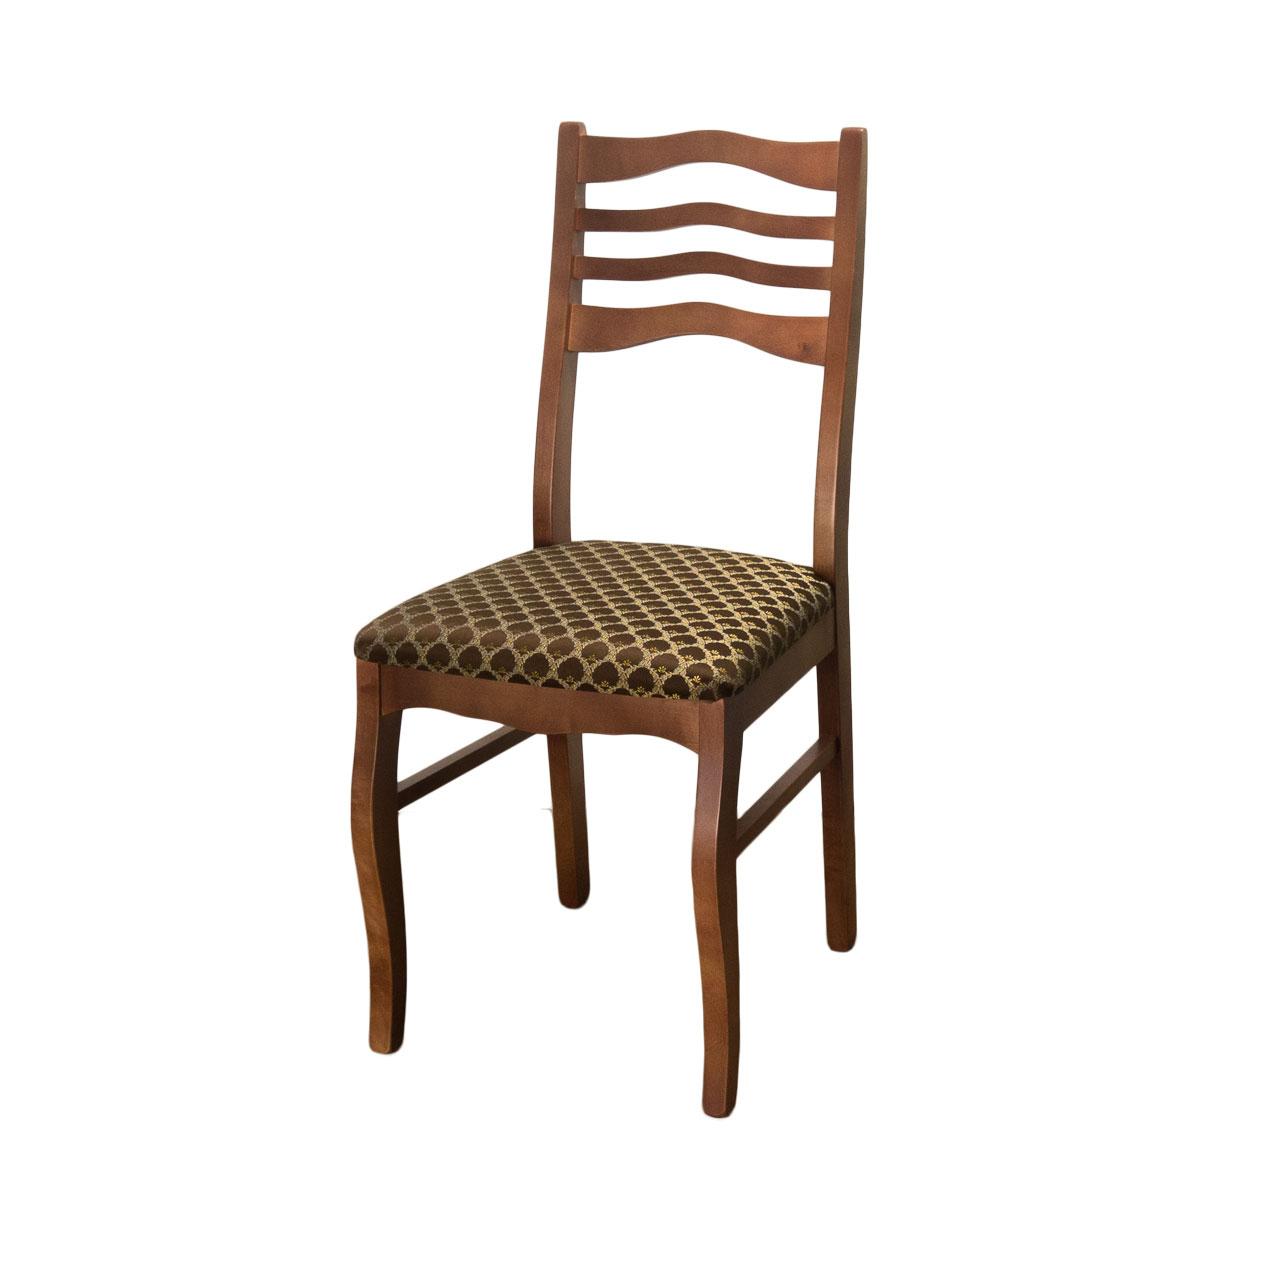 стулья из массива дерева фото жил, зная